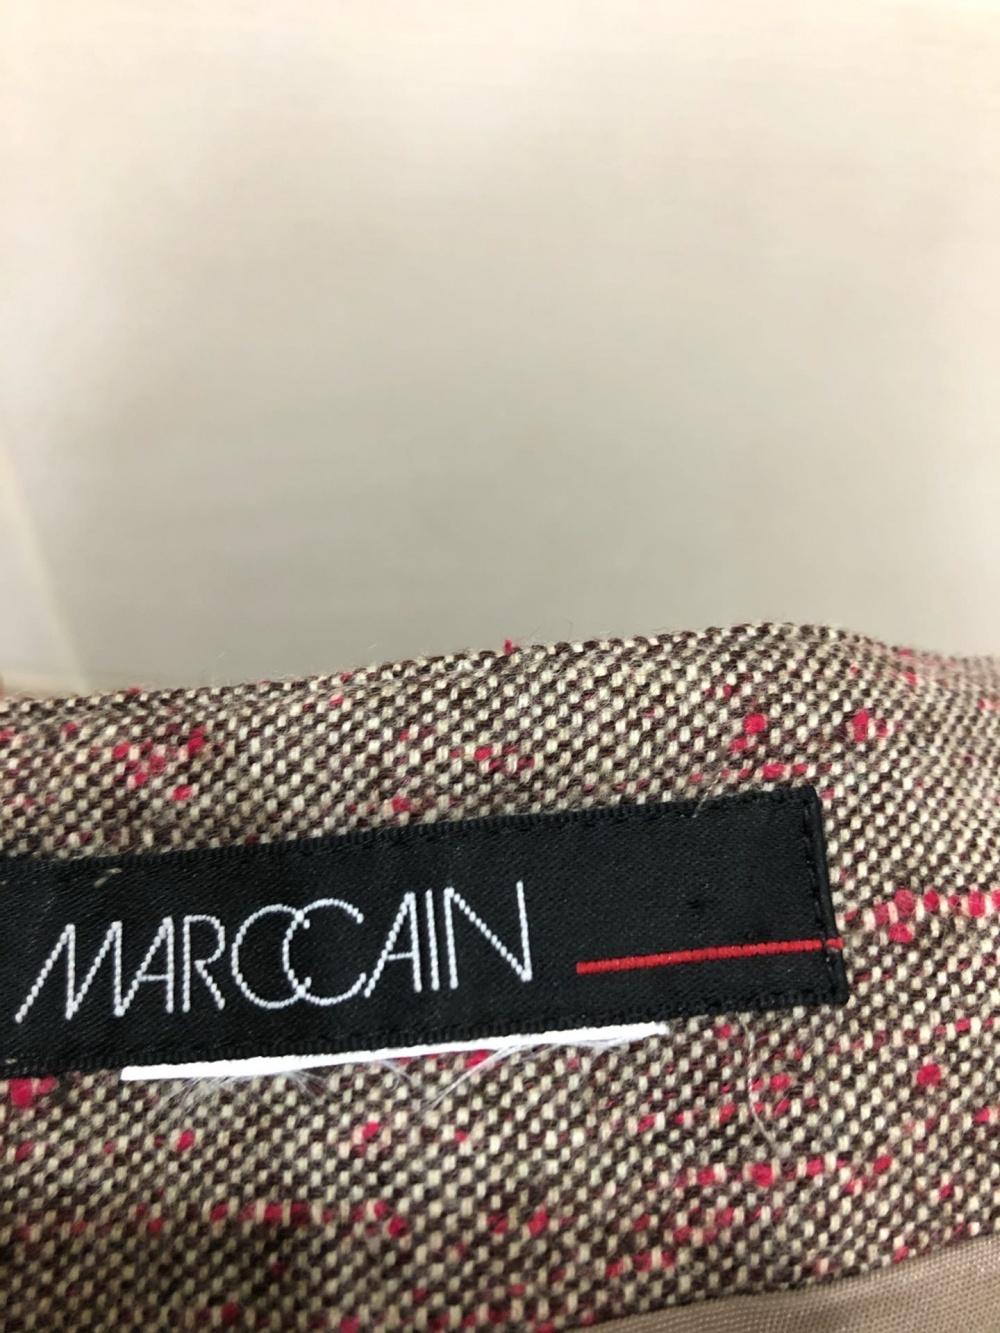 Брюки  из шерсти Marc Cain. Размер 46.